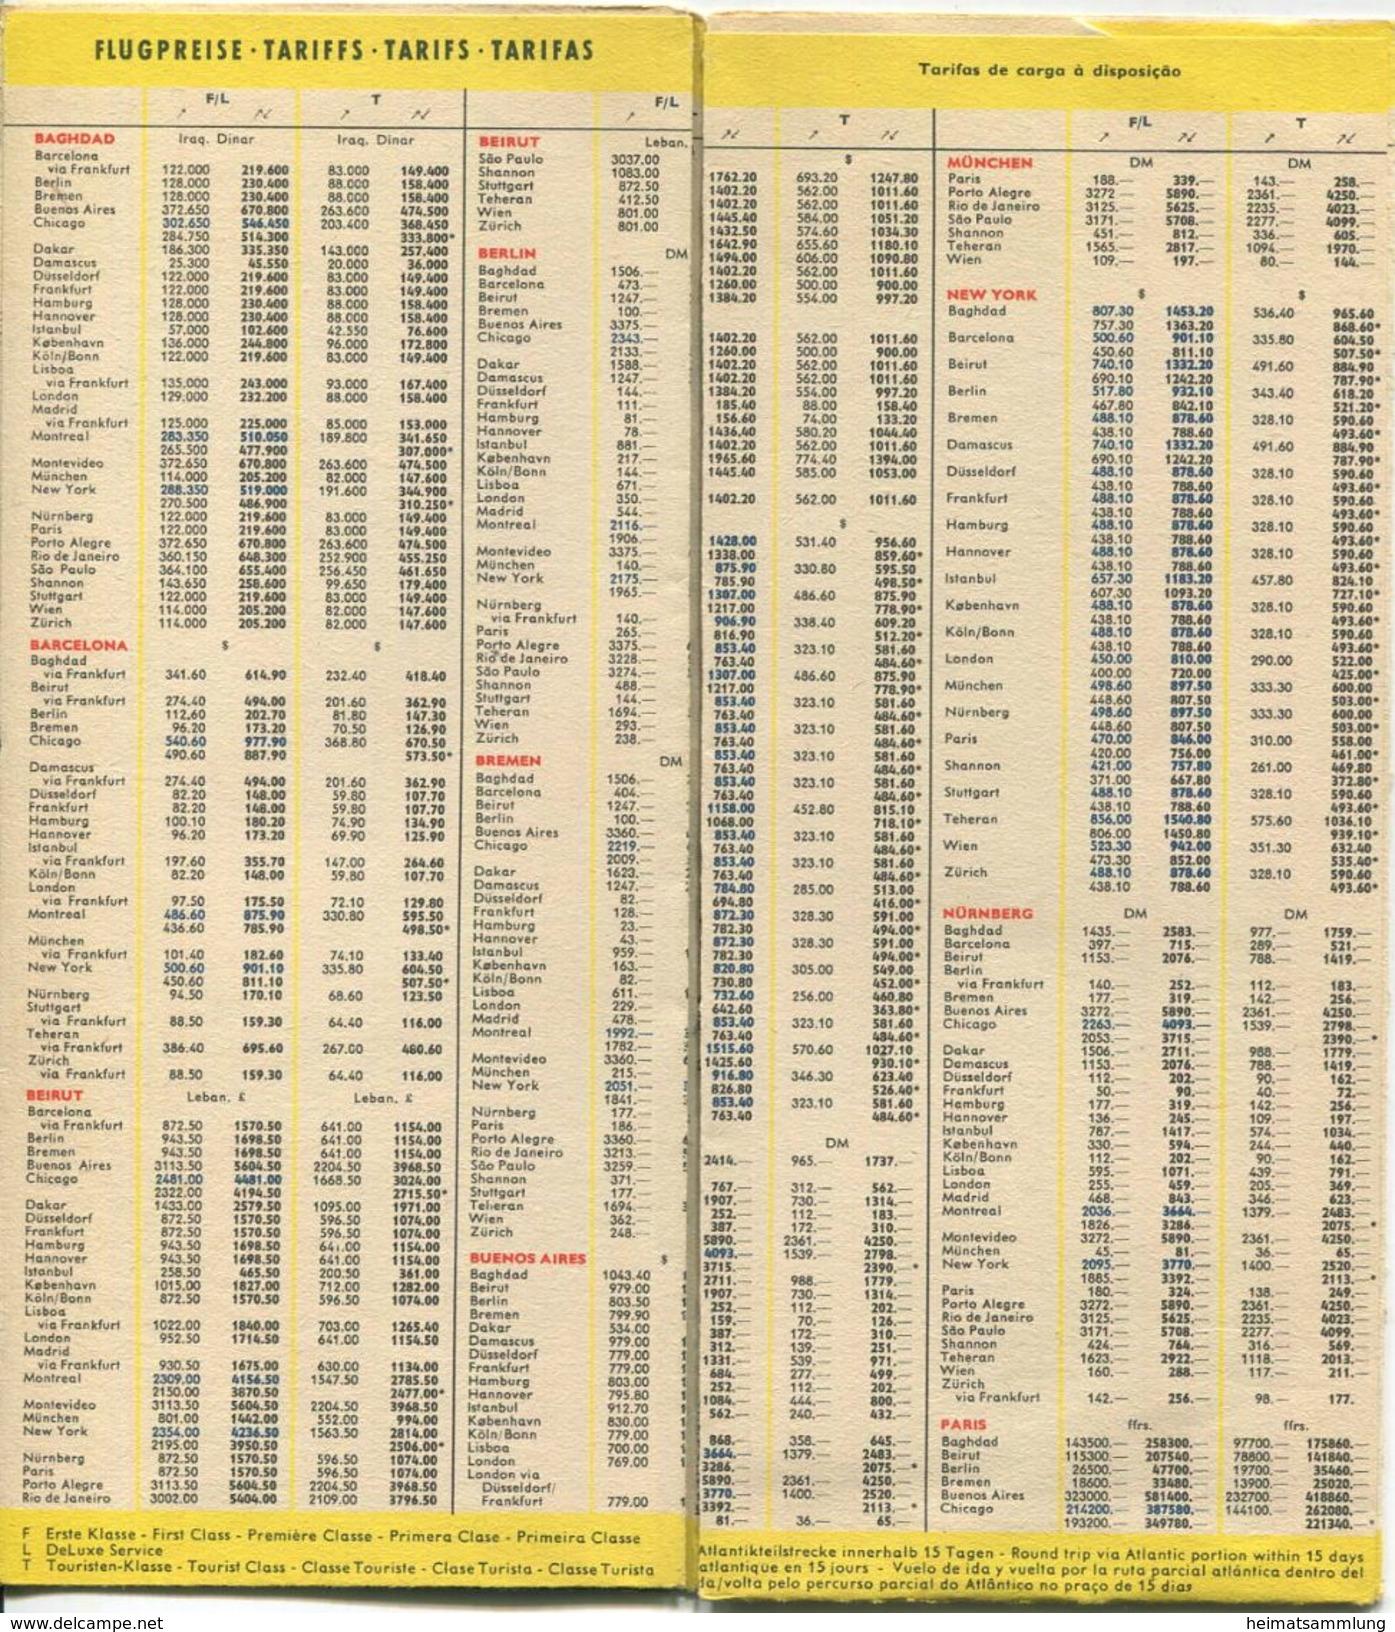 Flugplan Timetable Lufthansa - Gültig Ab 12. Januar 1958 - Faltblatt Mit Preisen Flugzeiten Und Netzspinne - World